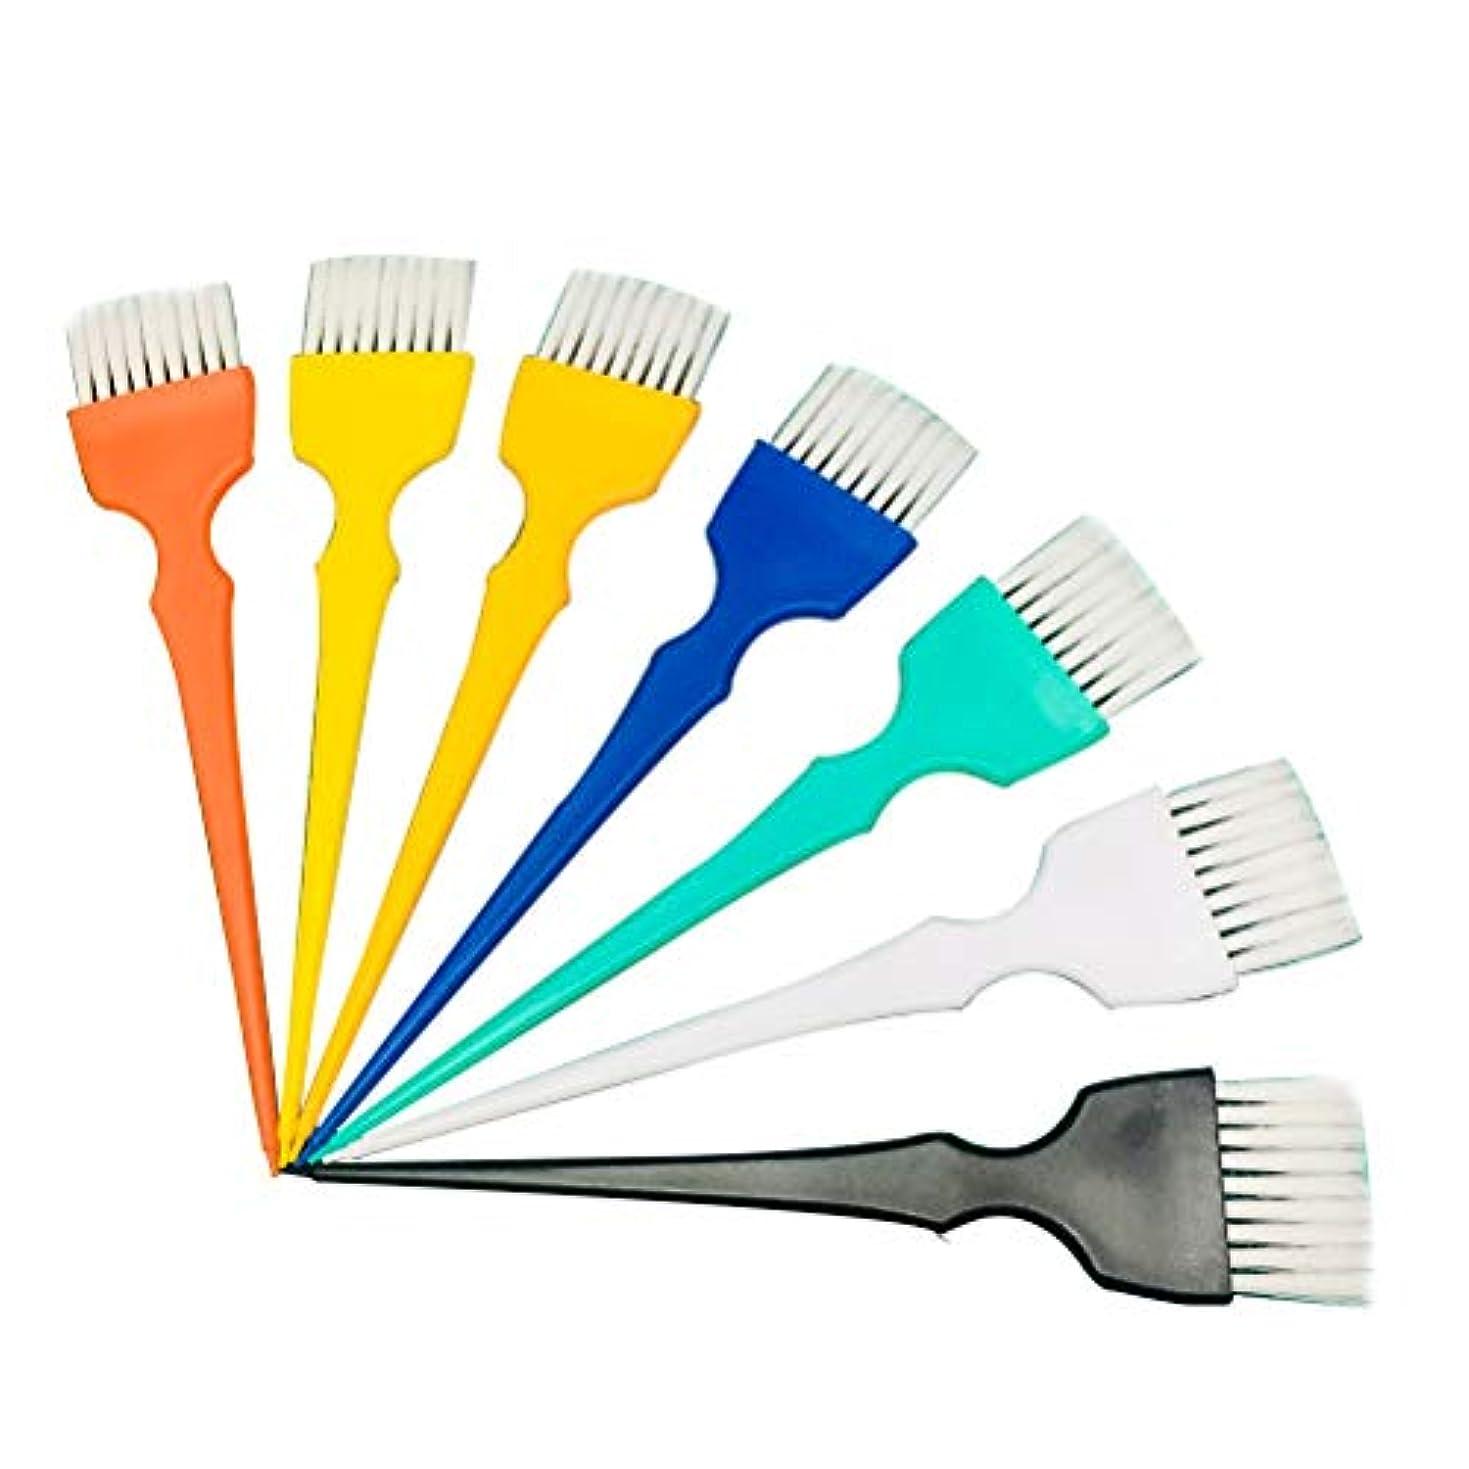 適合しましたモニター動Frcolor ヘアダイブラシ ヘアカラーブラシ ヘアダイコーム 白髪染め 家庭用 美容師プロ用 プラスチック製 7本セット(ランダムカラー)